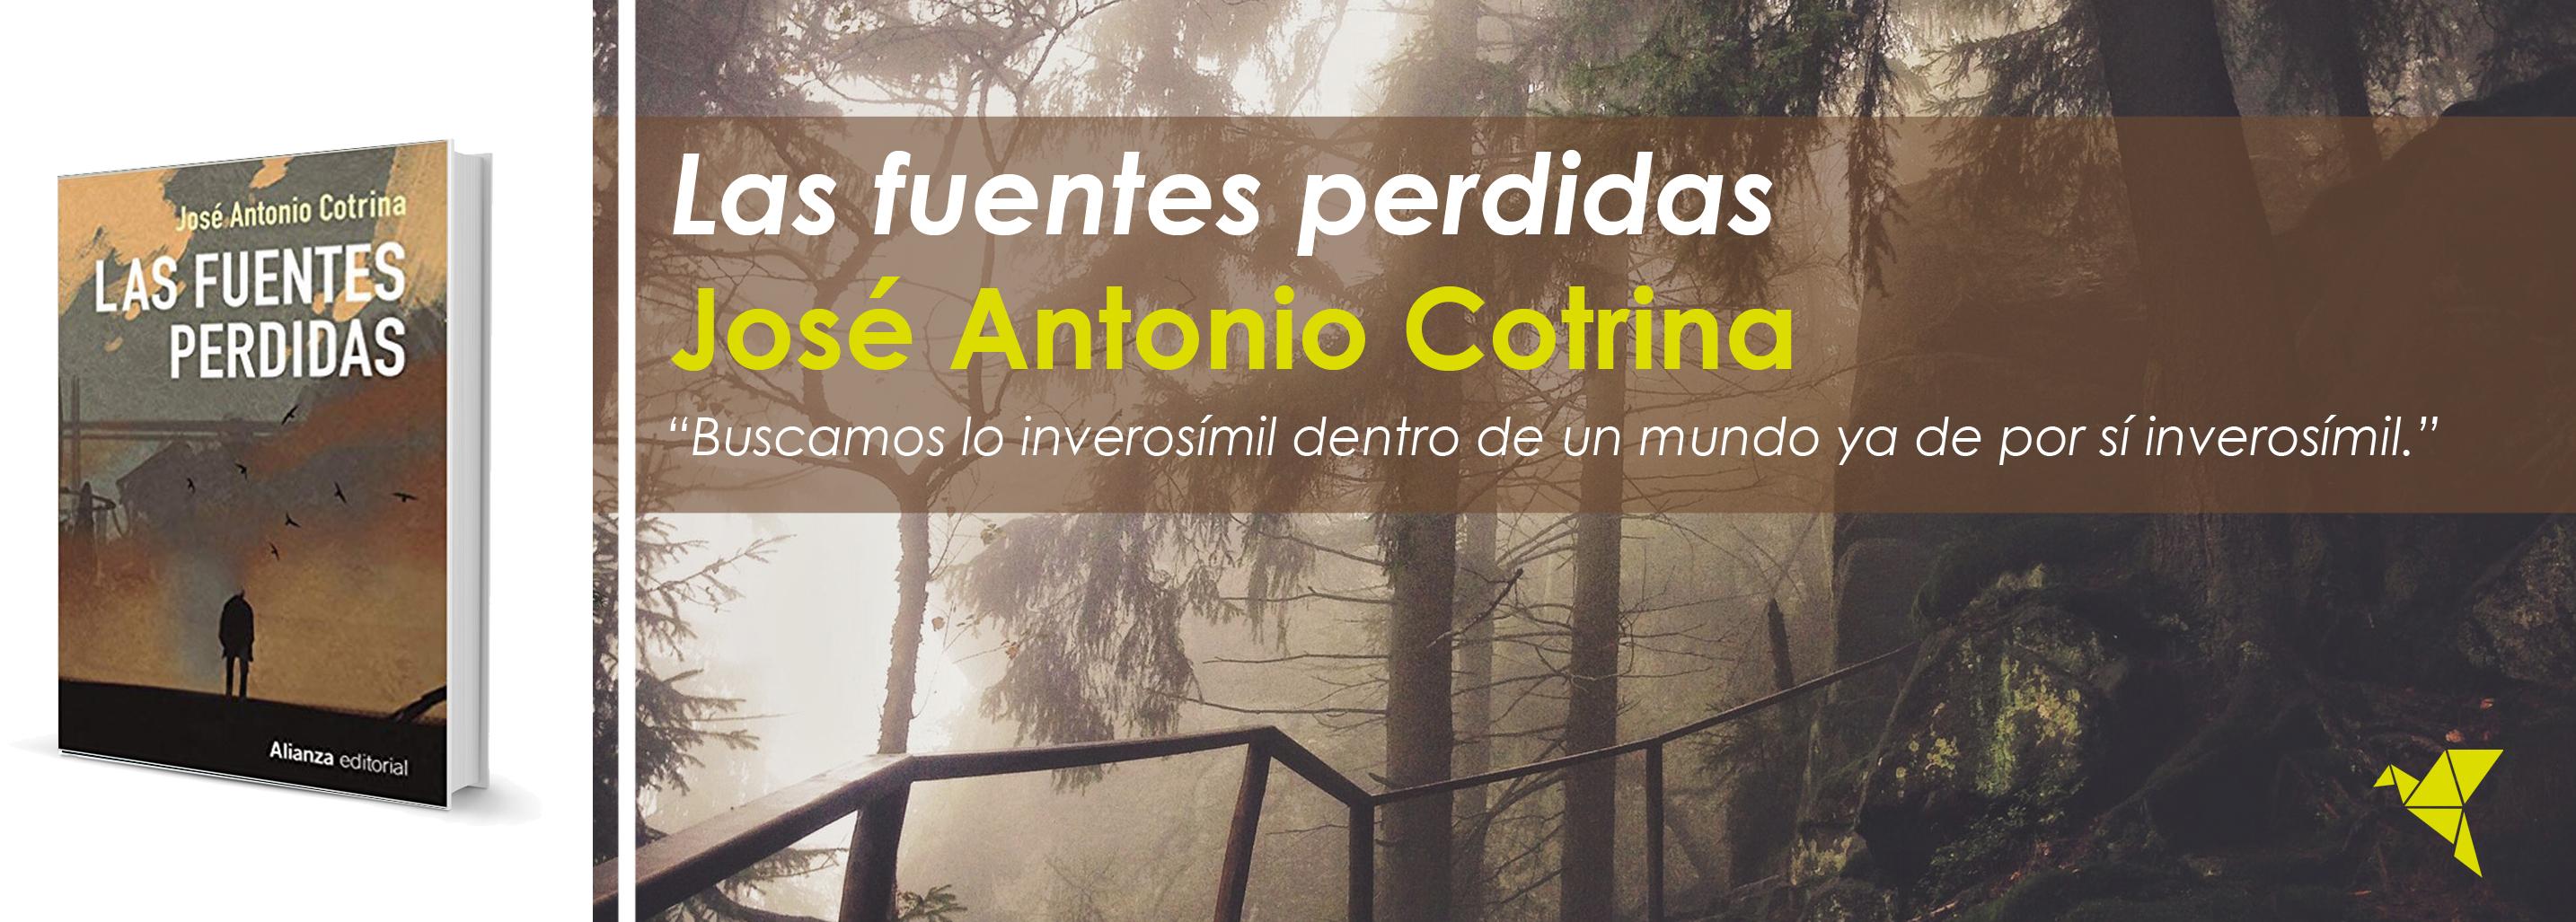 Las fuentes perdidas, de José Antonio Cotrina